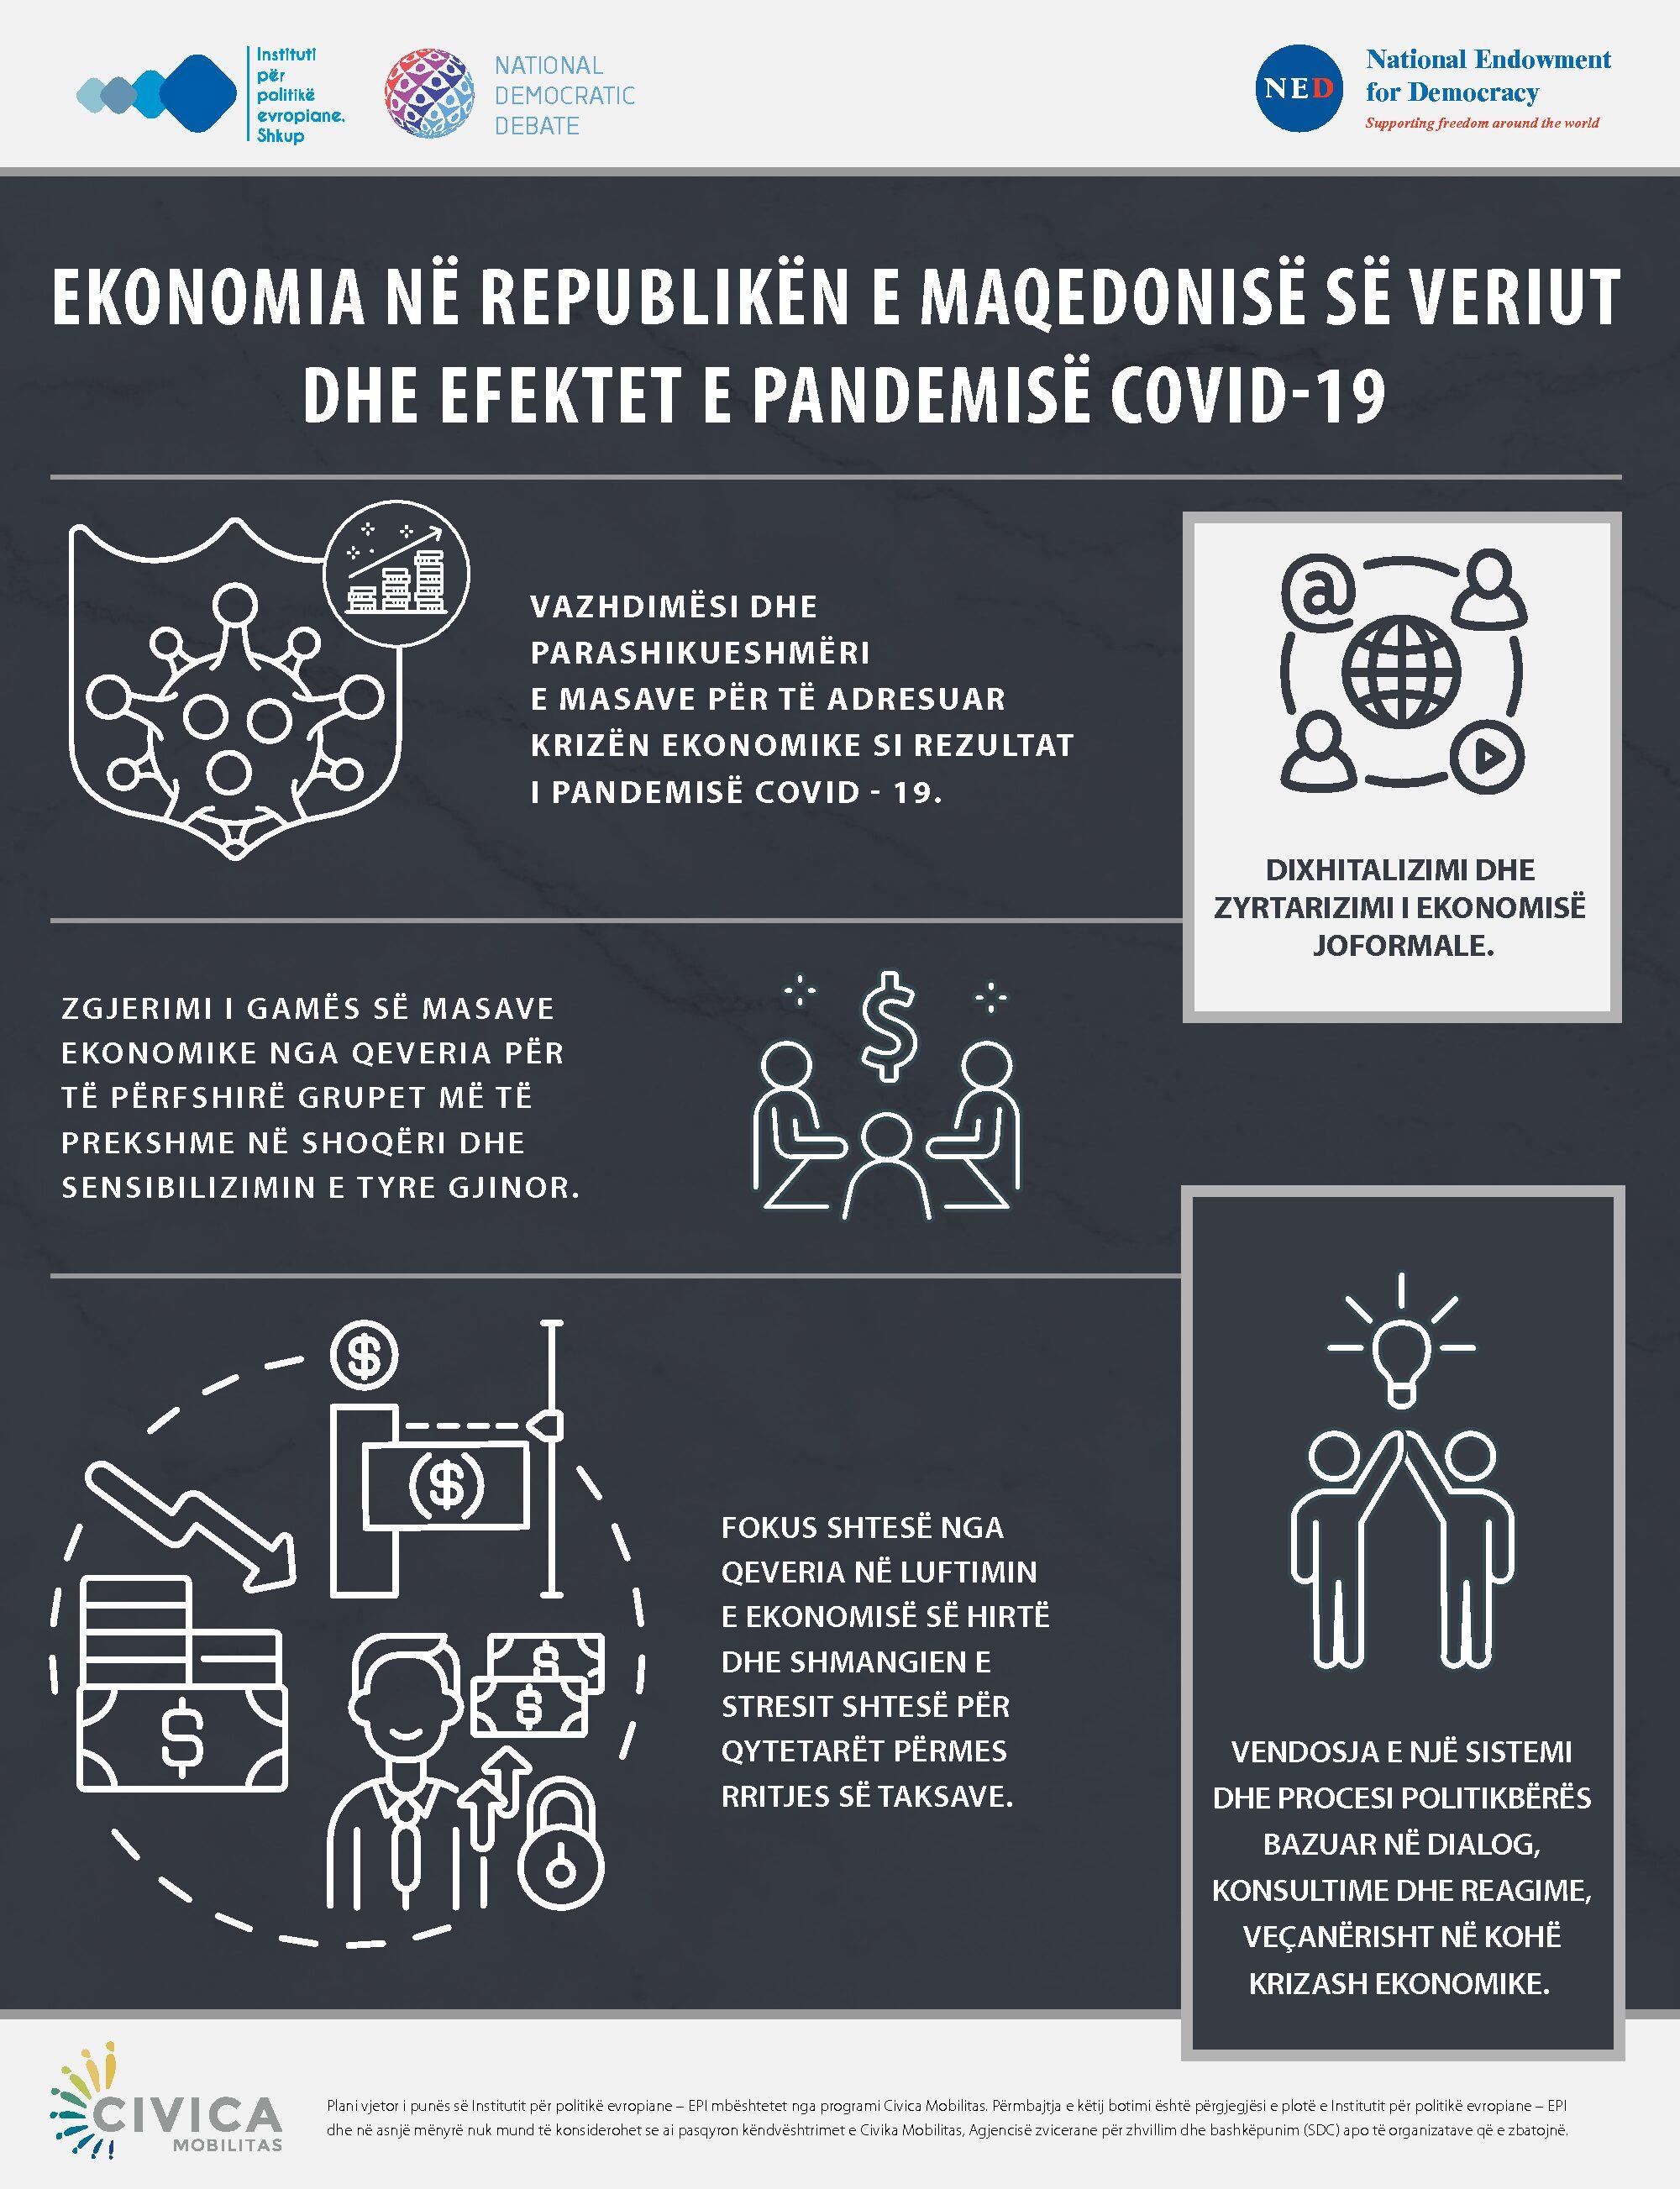 [Infografik] Ekonomia në Republikën e Maqedonisë së Veriut dhe efektet e pandemisë COVID-19